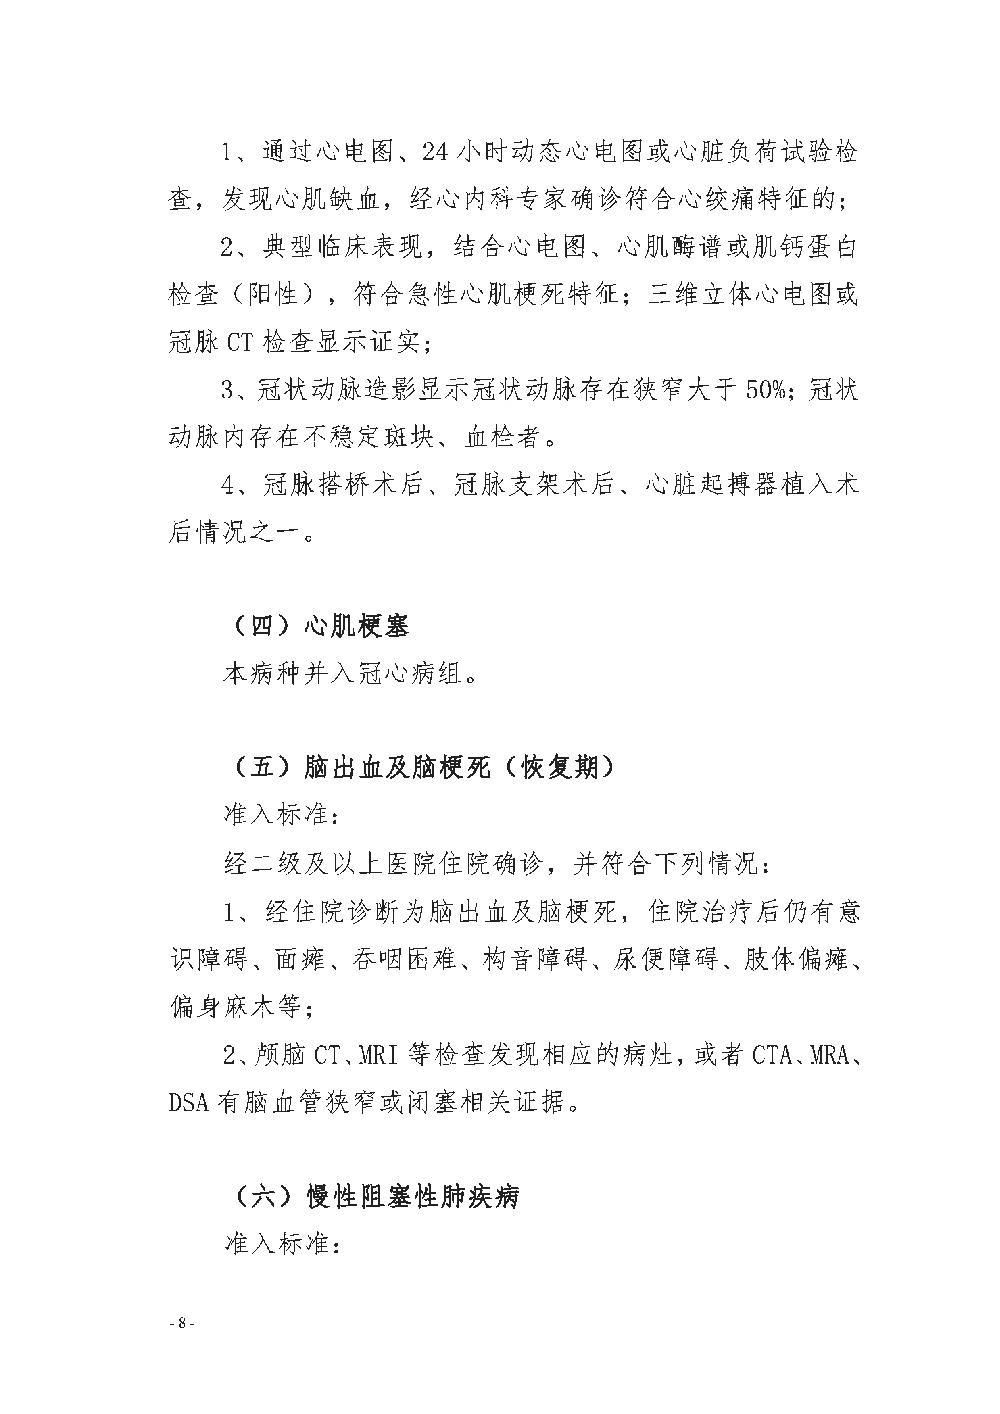 阜阳市城乡居民慢性病管理办法(1)_8.JPG